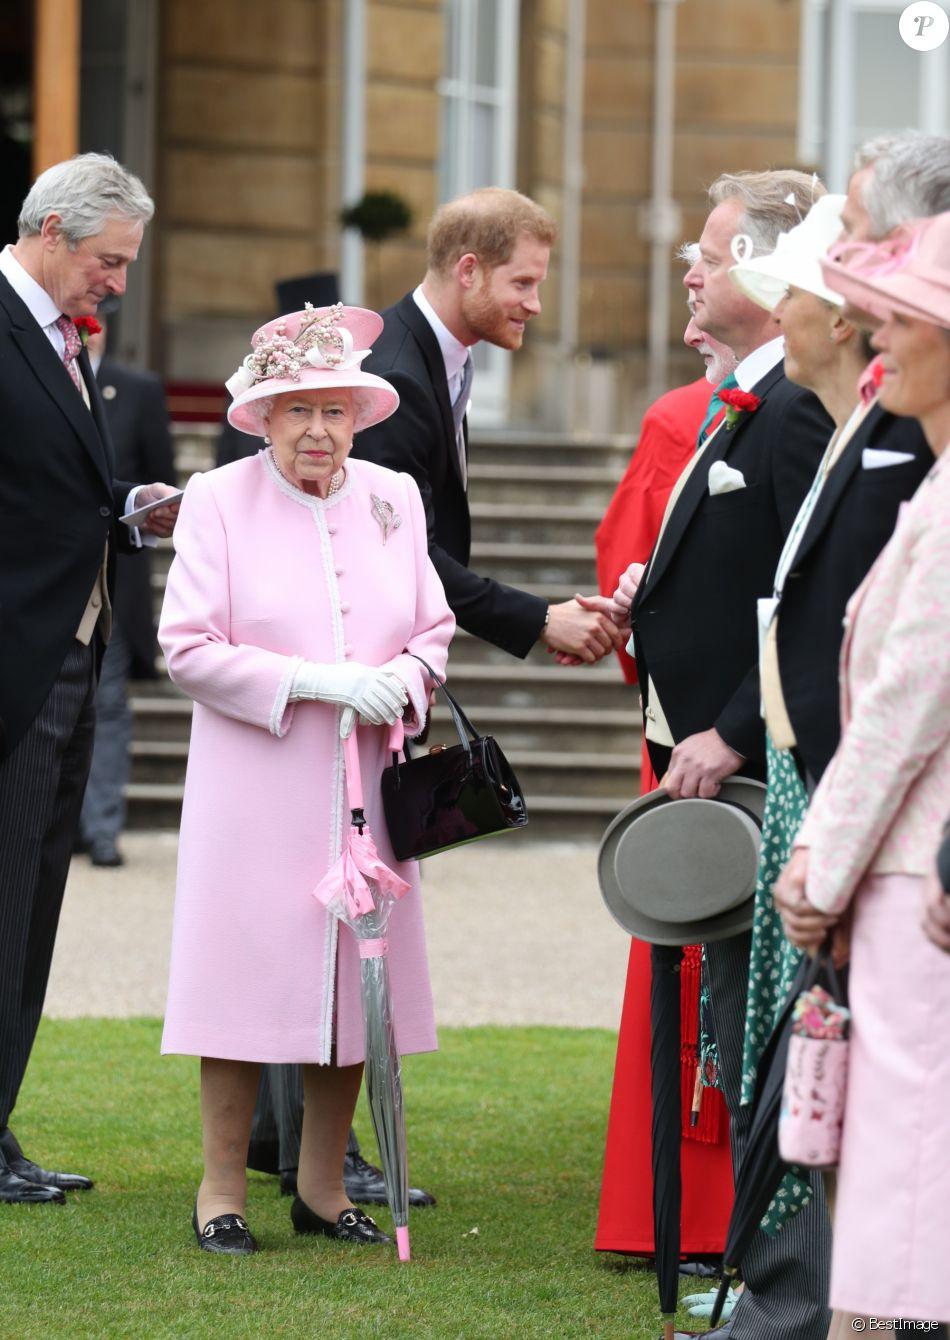 La reine Elizabeth II donnait une de ses traditionnelles garden parties au palais de Buckingham à Londres le 29 mai 2019.